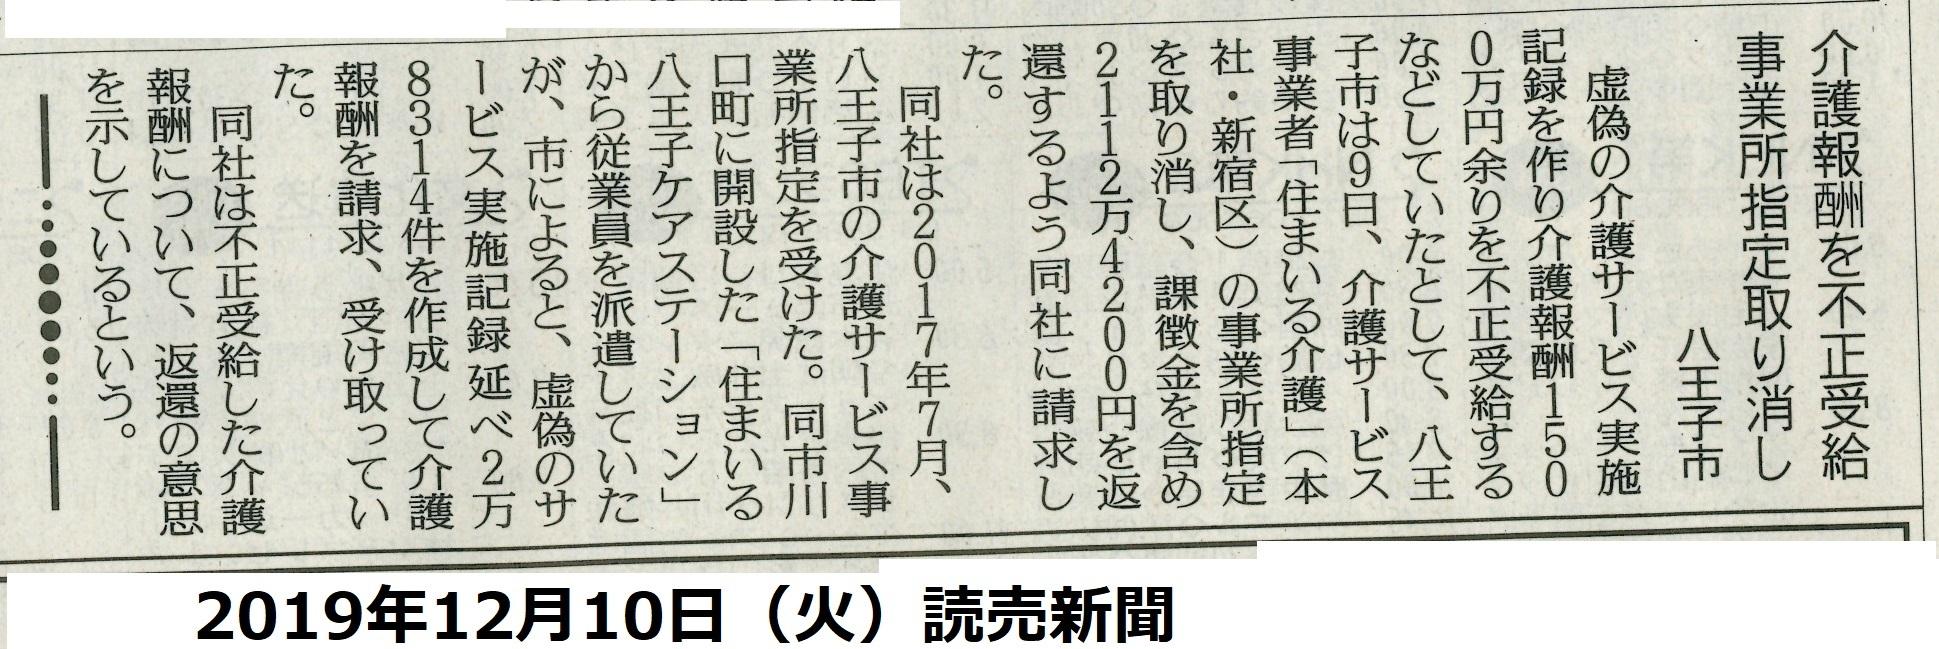 「グリーンドーム東村山」 住まいるグループの詐欺行為が全国紙3社に報道される!_a0393514_20442036.jpg